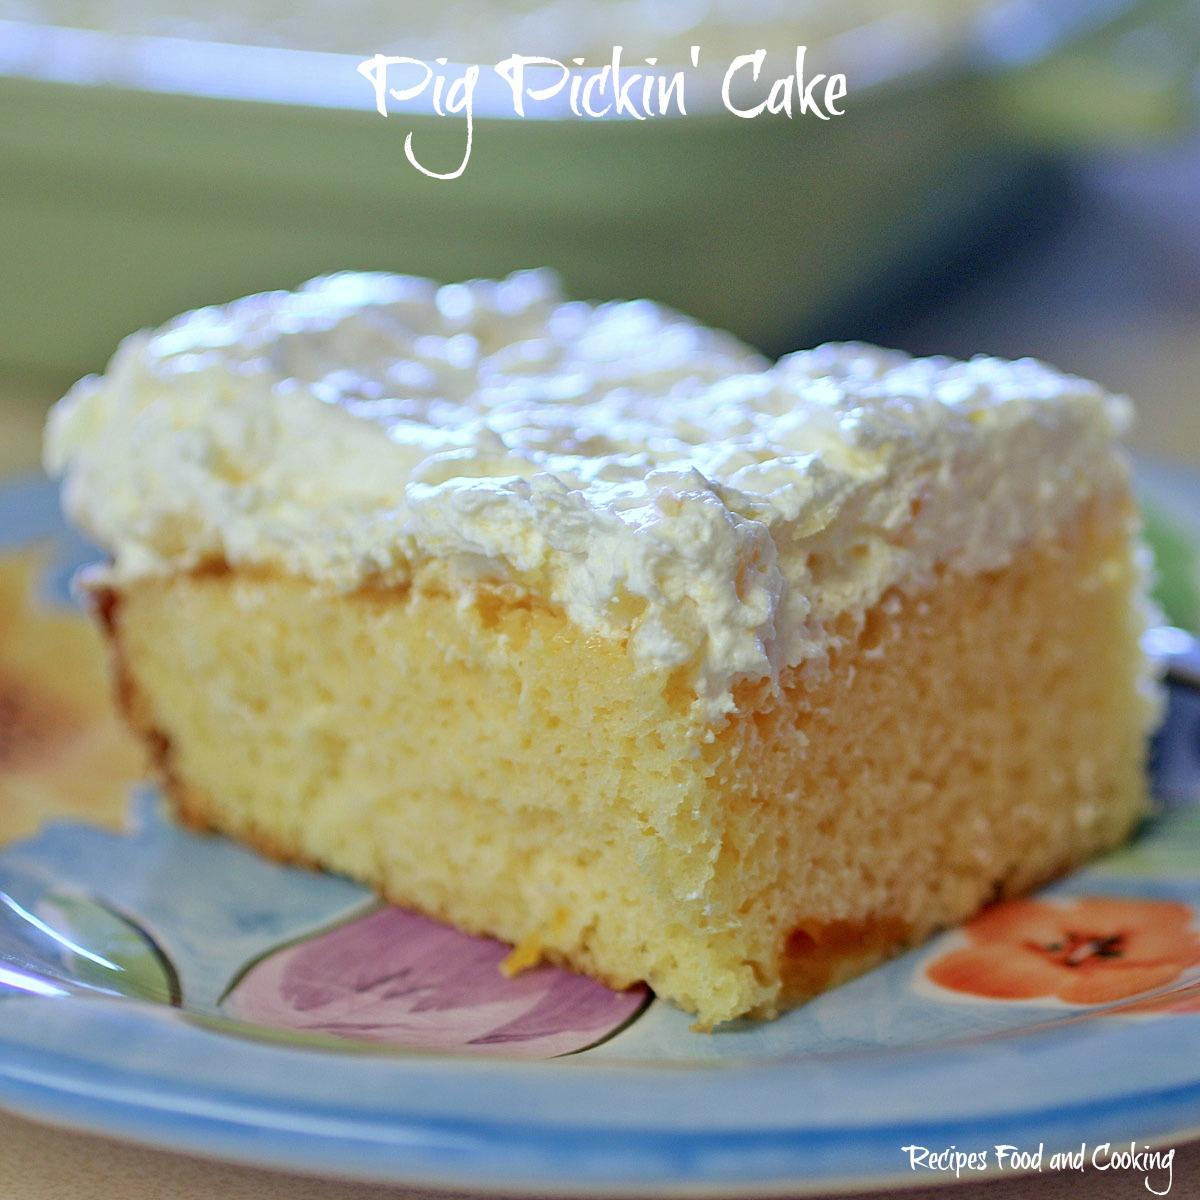 Pig Pickin Cake